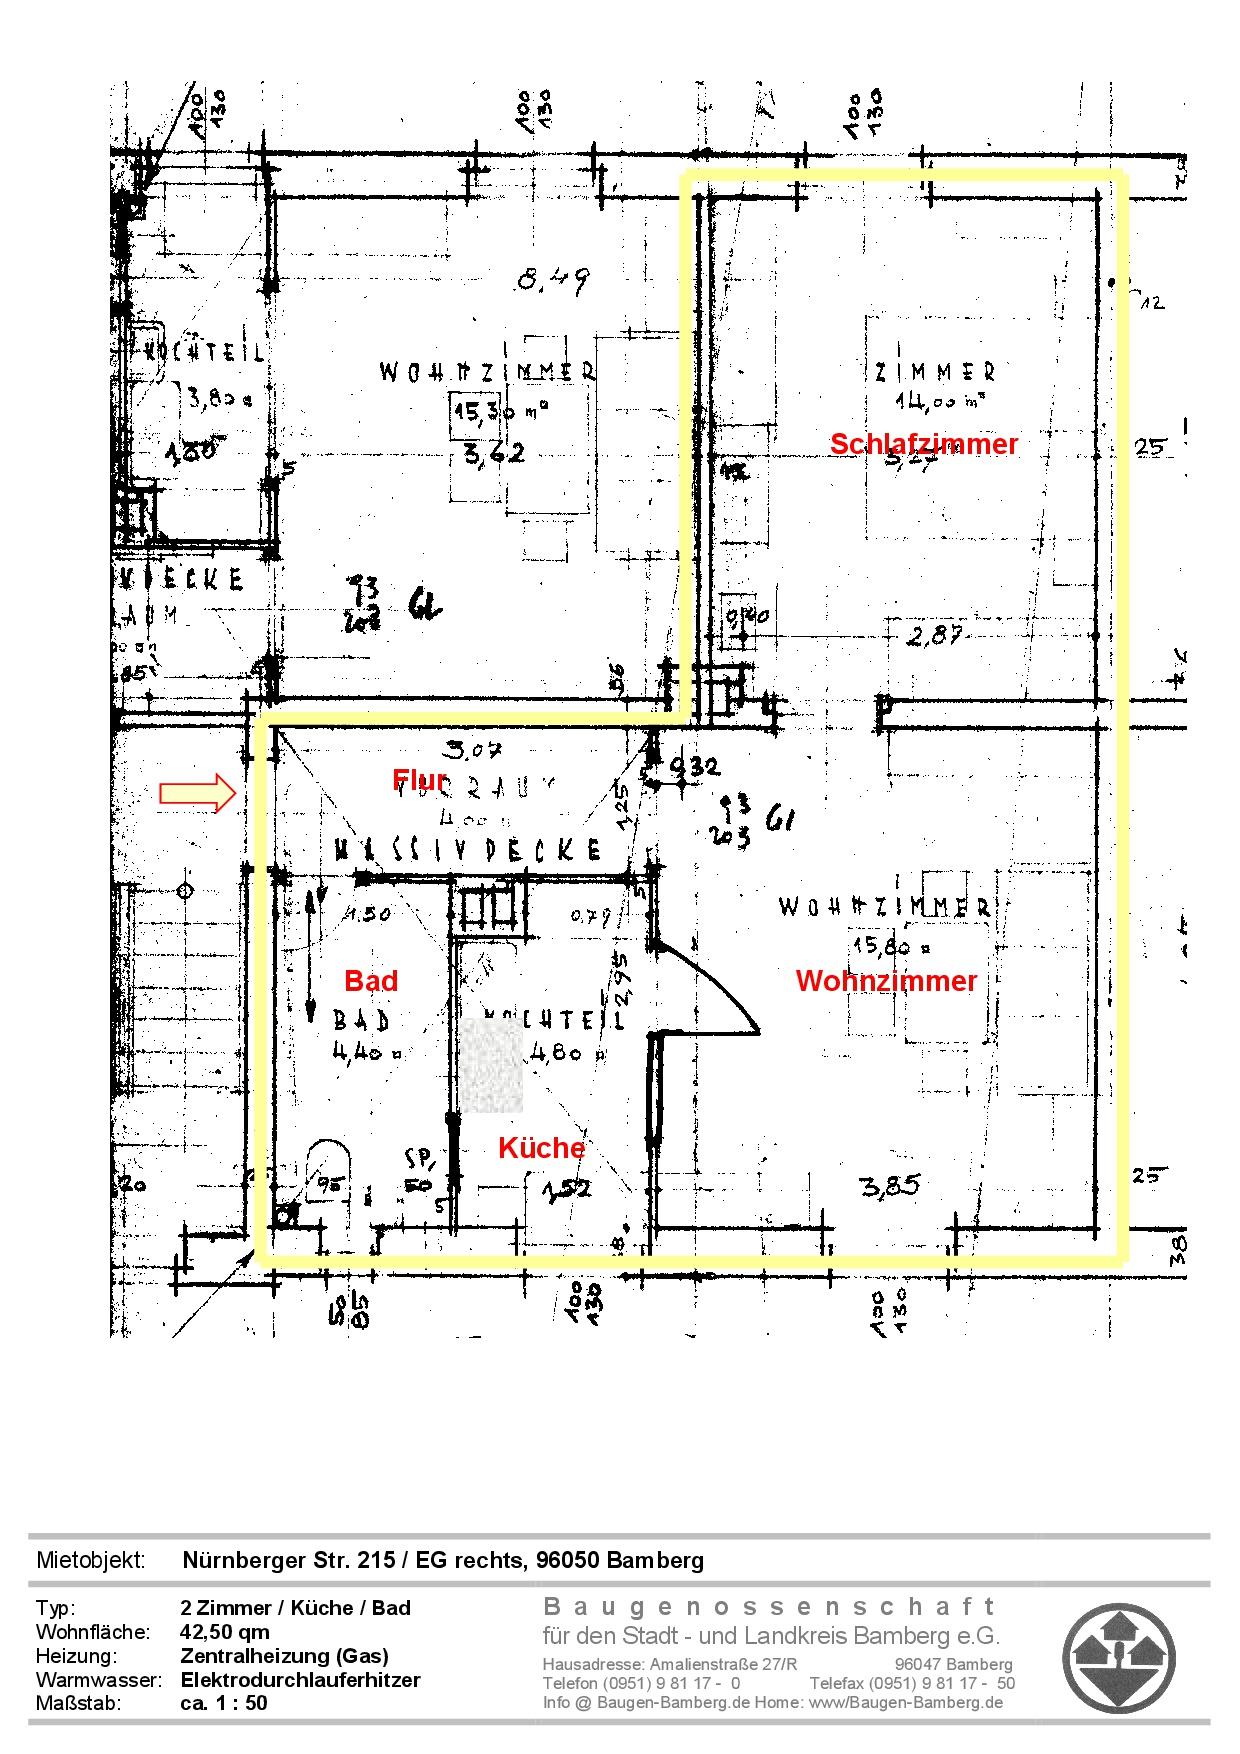 Mietangebote Baugenossenschaft Für Den Stadt Und Landkreis Bamberg Eg